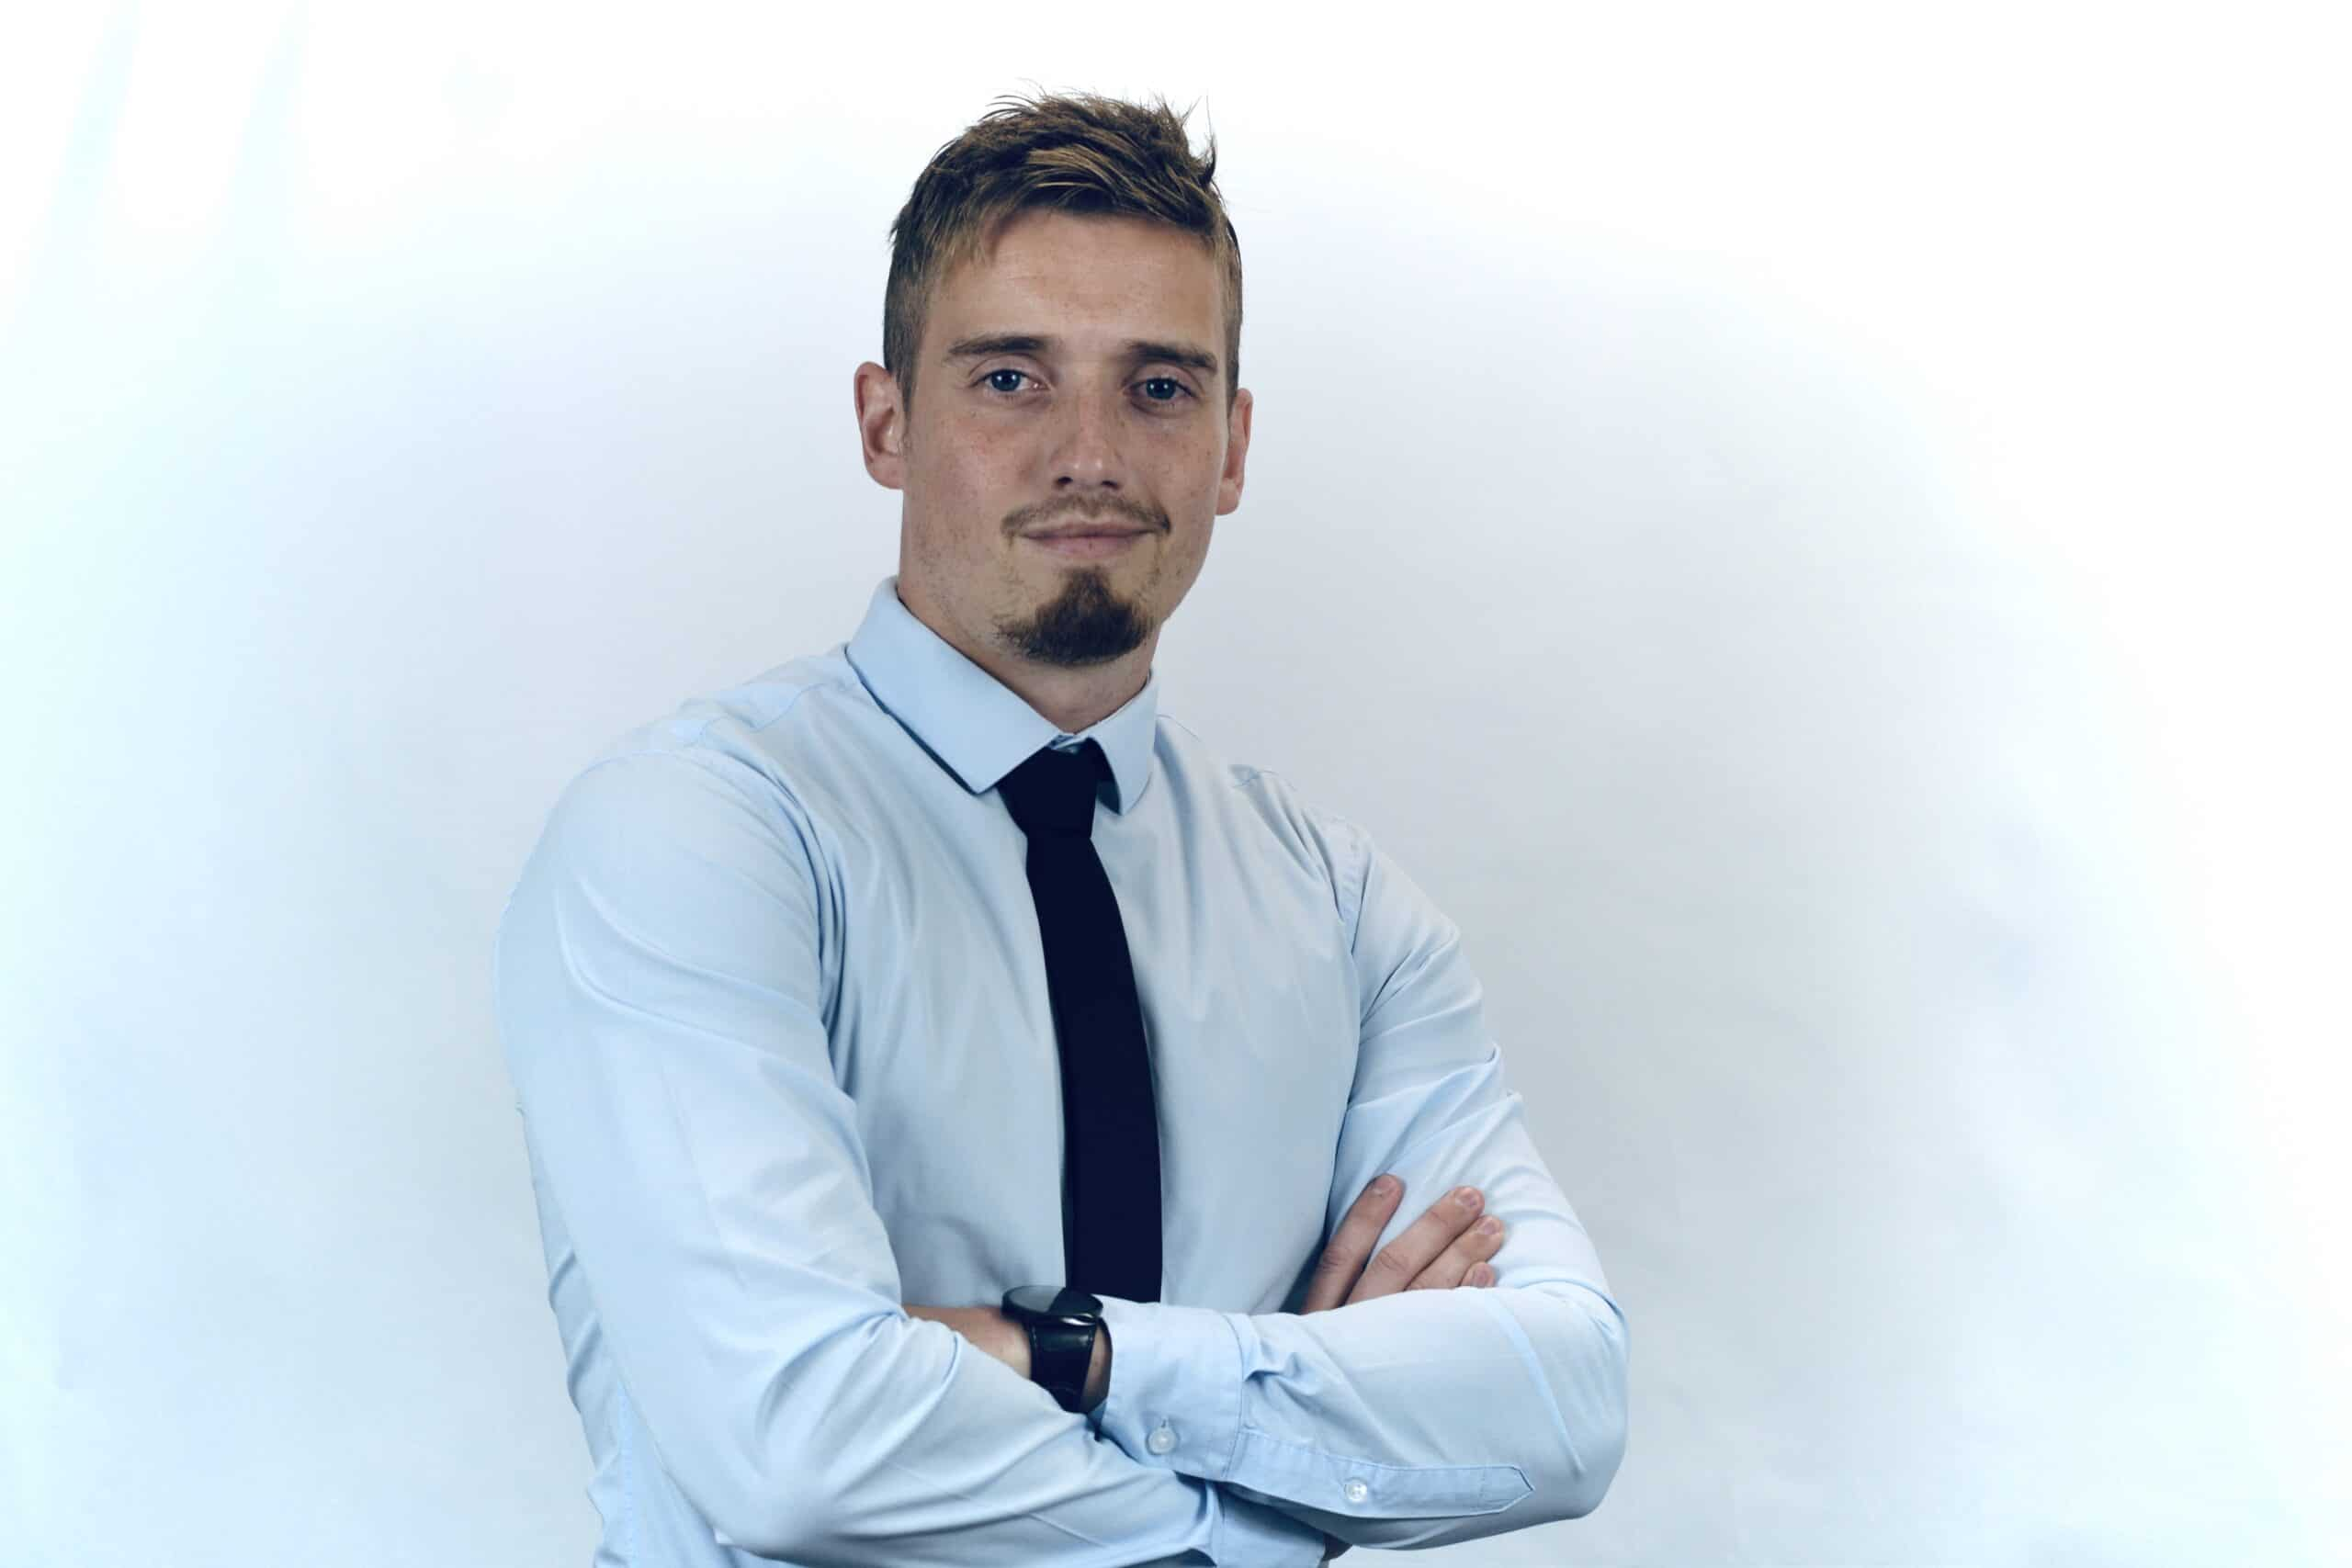 Michael Kirkegaard